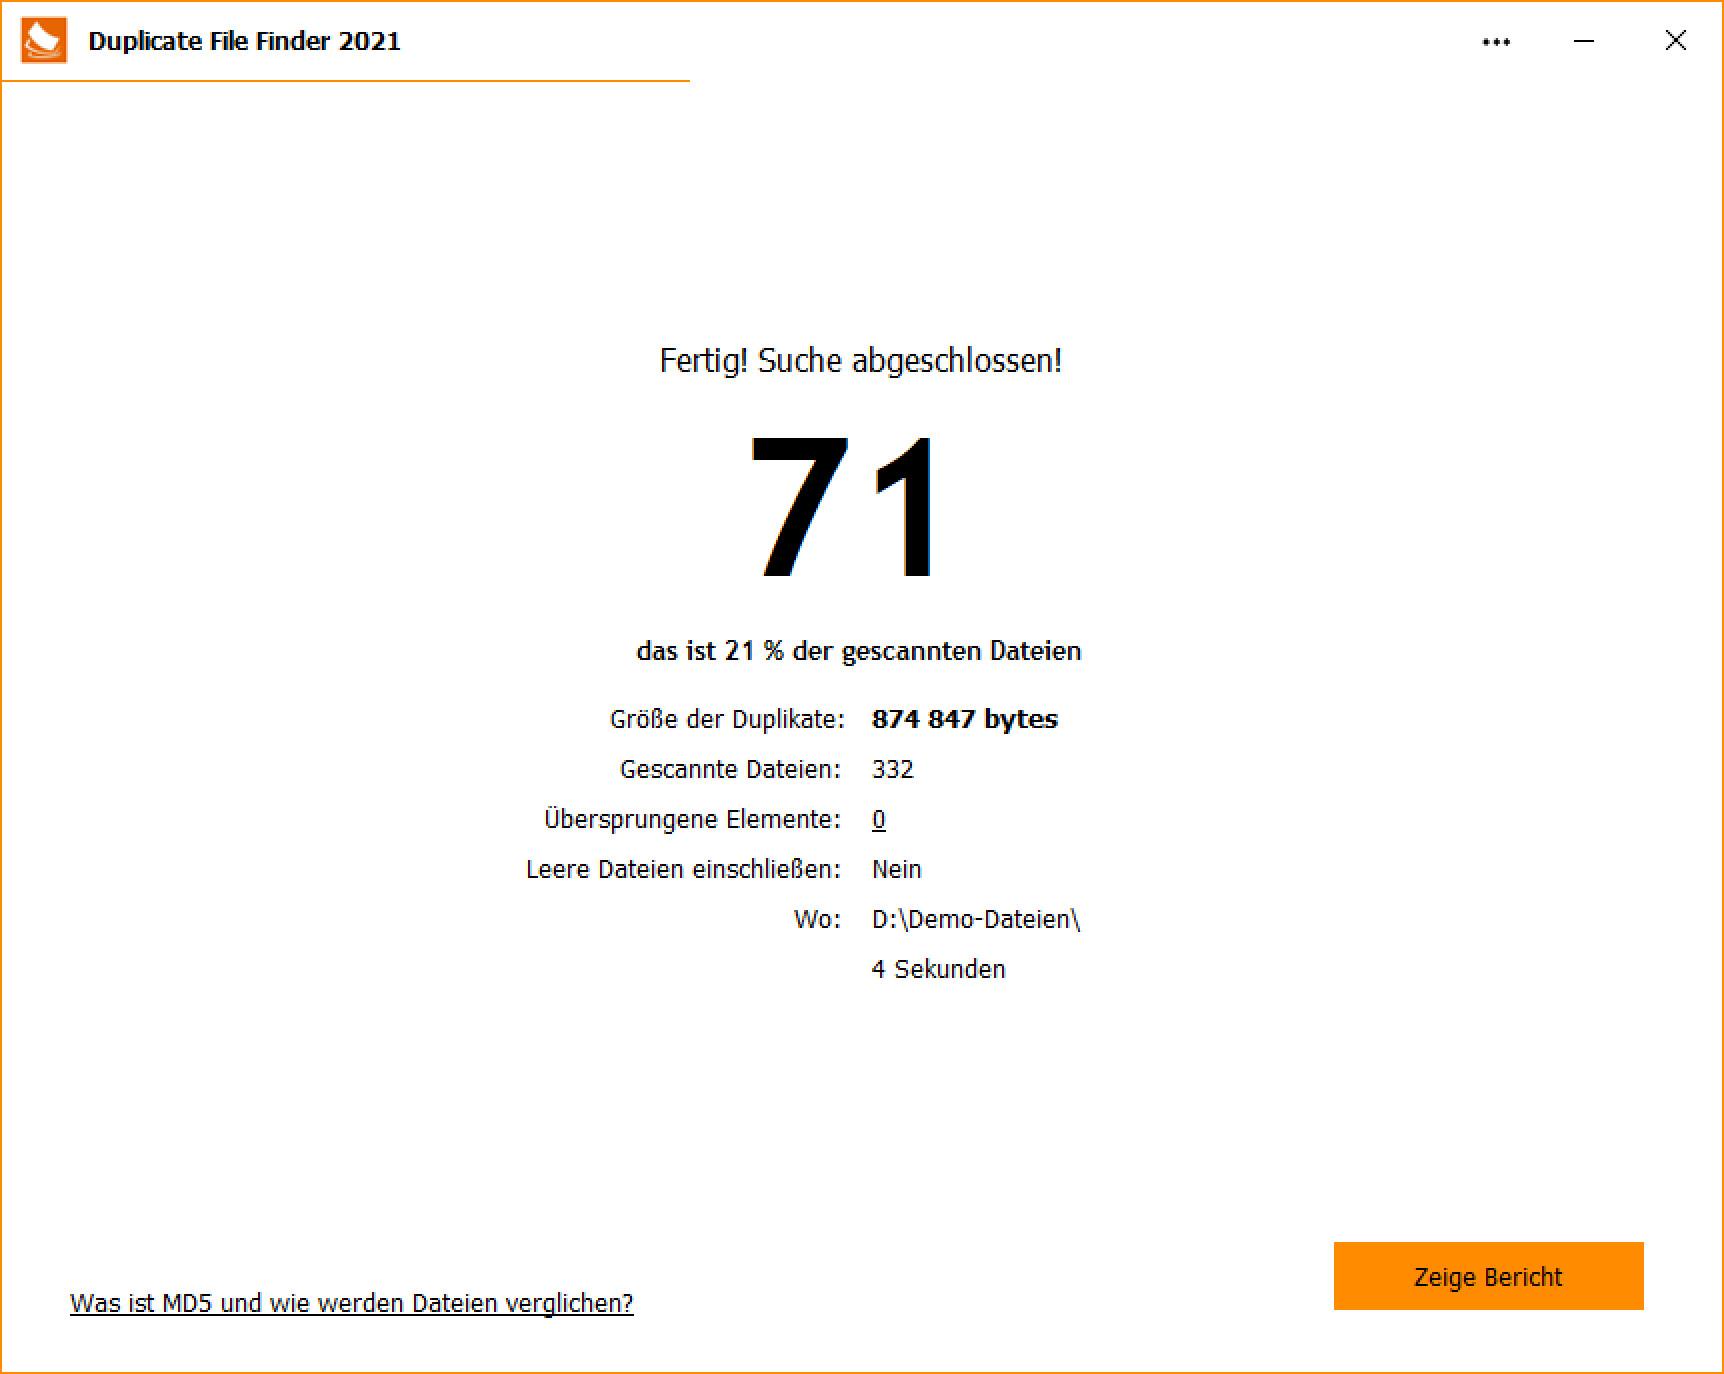 Screenshot 1 - Duplicate File Finder